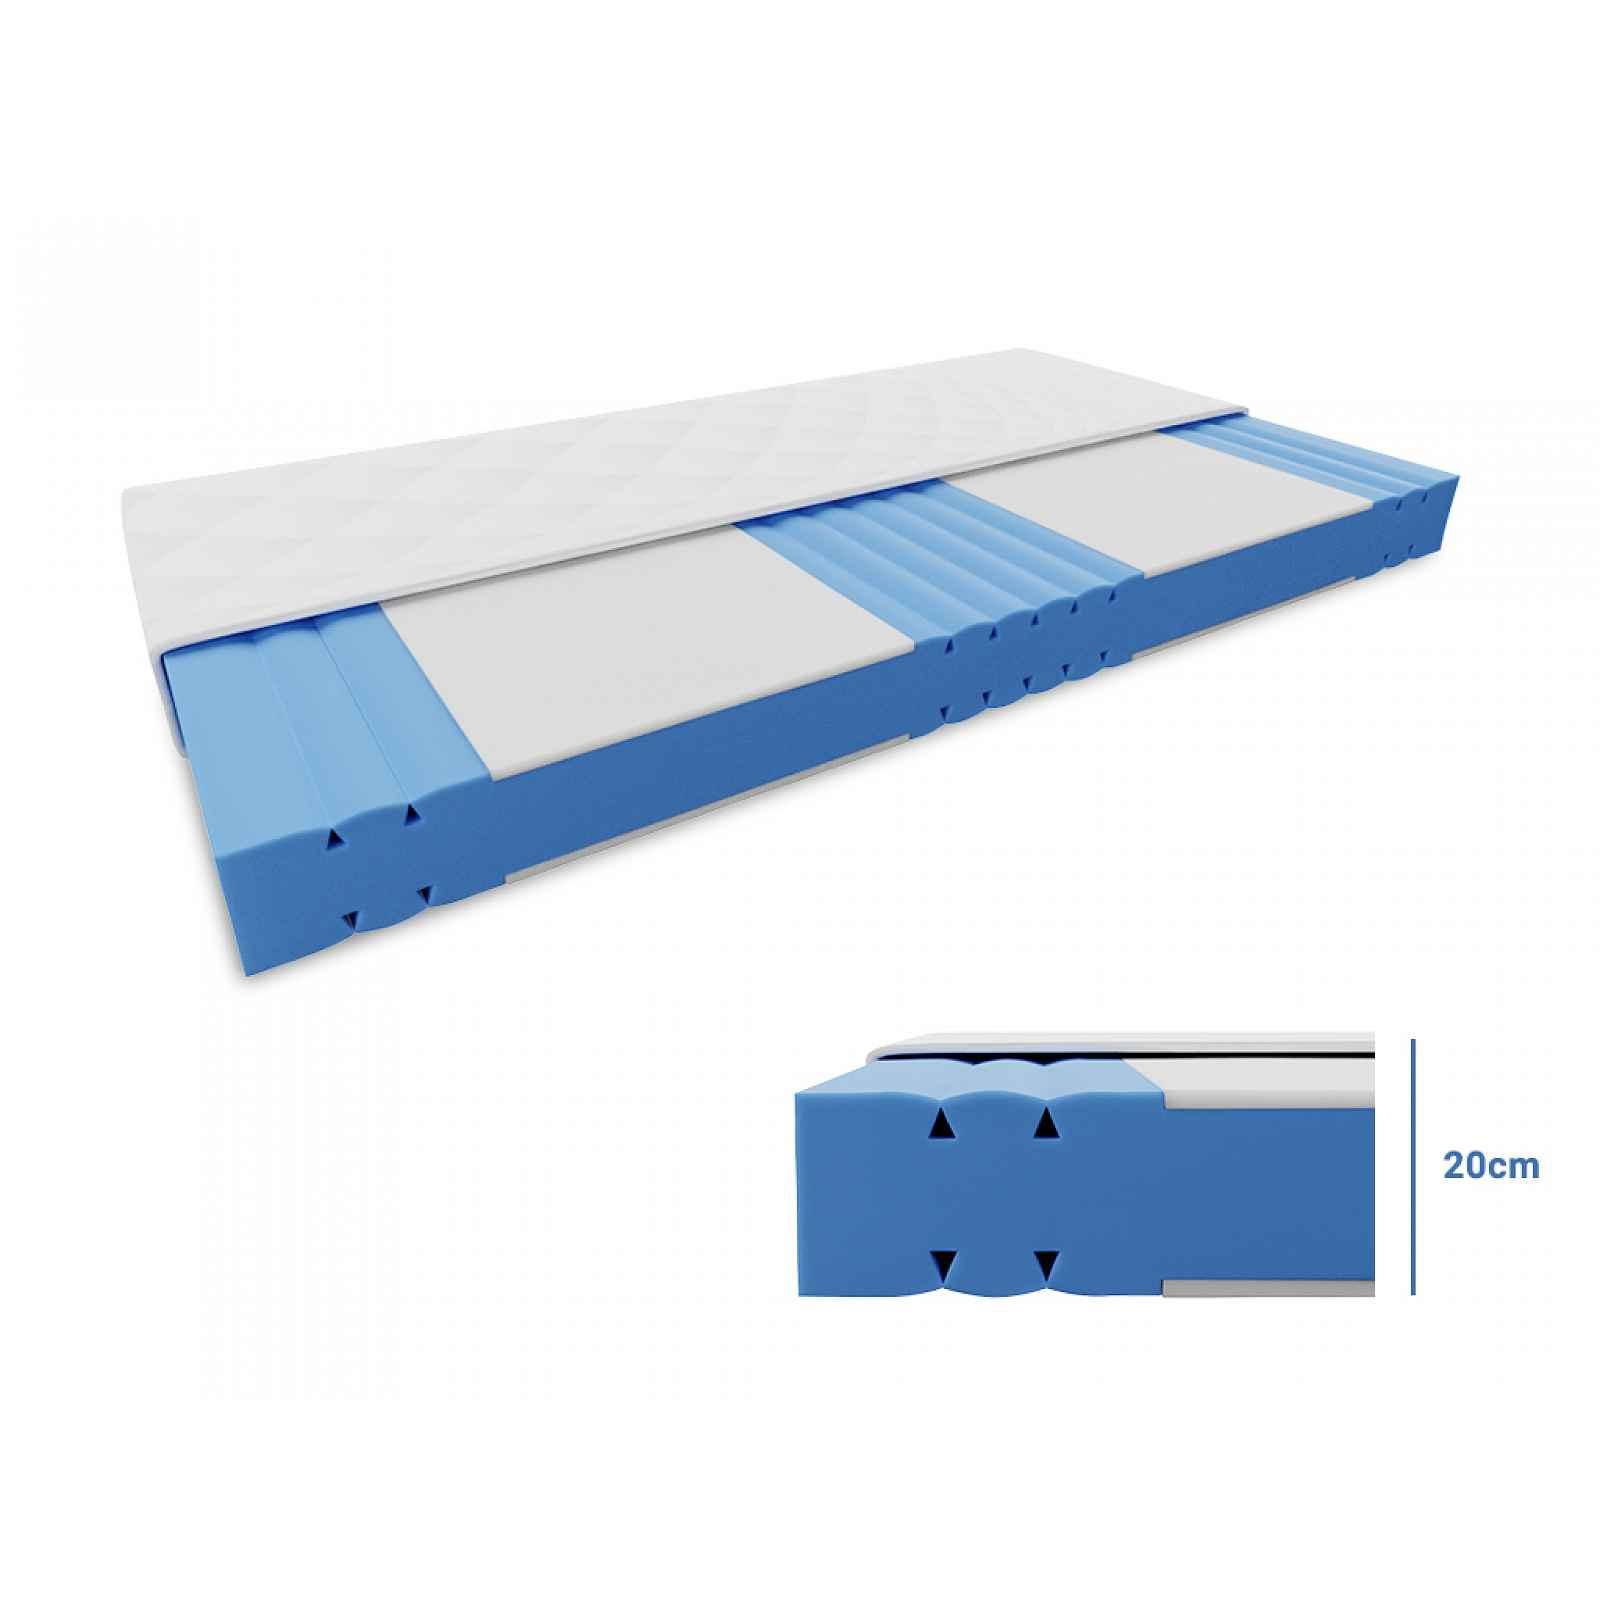 Pěnová matrace REMIA 20 cm 160 x 200 cm Ochrana matrace: VČETNĚ chrániče matrace